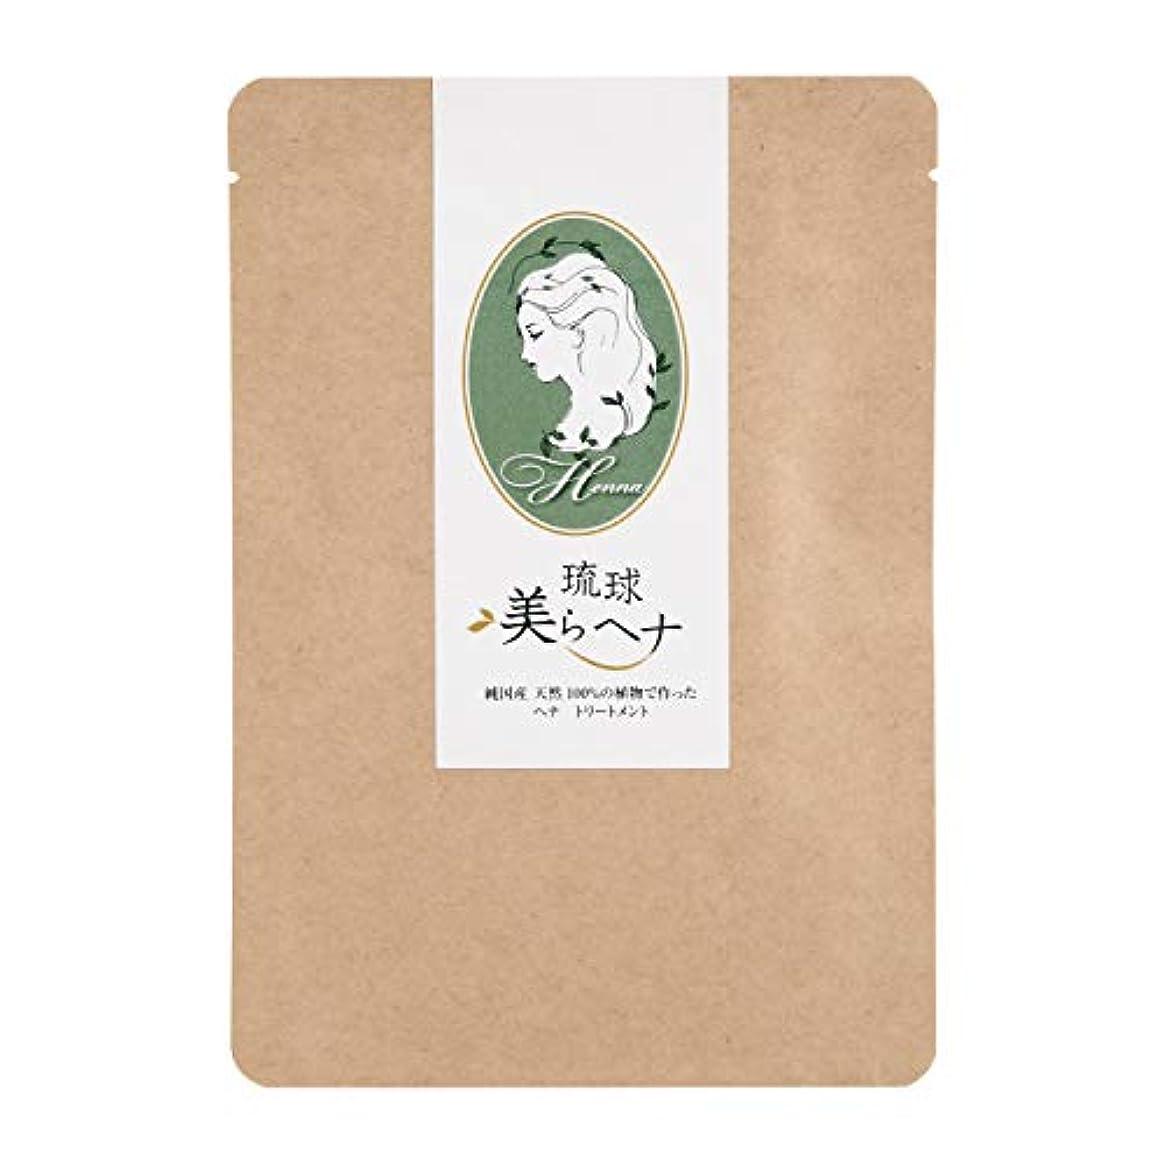 ホイップ平野ビュッフェ純国産 ヘナ 白髪染め 天然 100% 琉球 美ら (ちゅら) ヘナ 100g